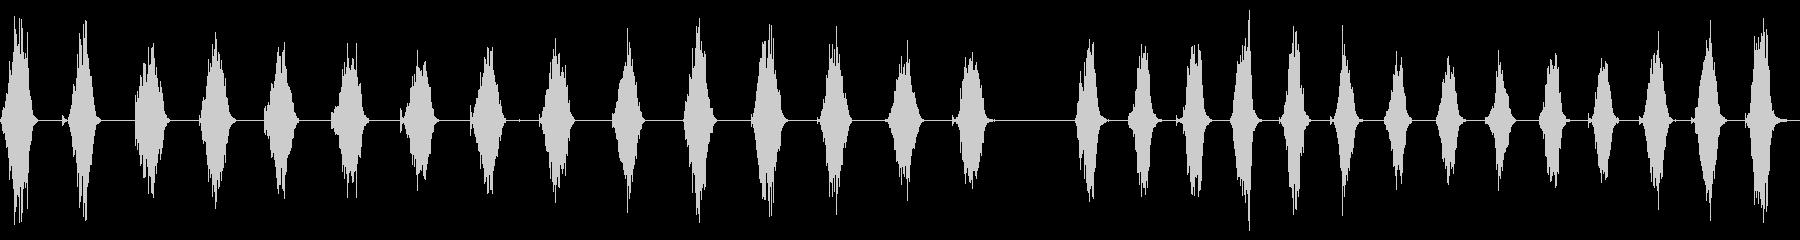 粗いファイル、1回のストローク、2...の未再生の波形